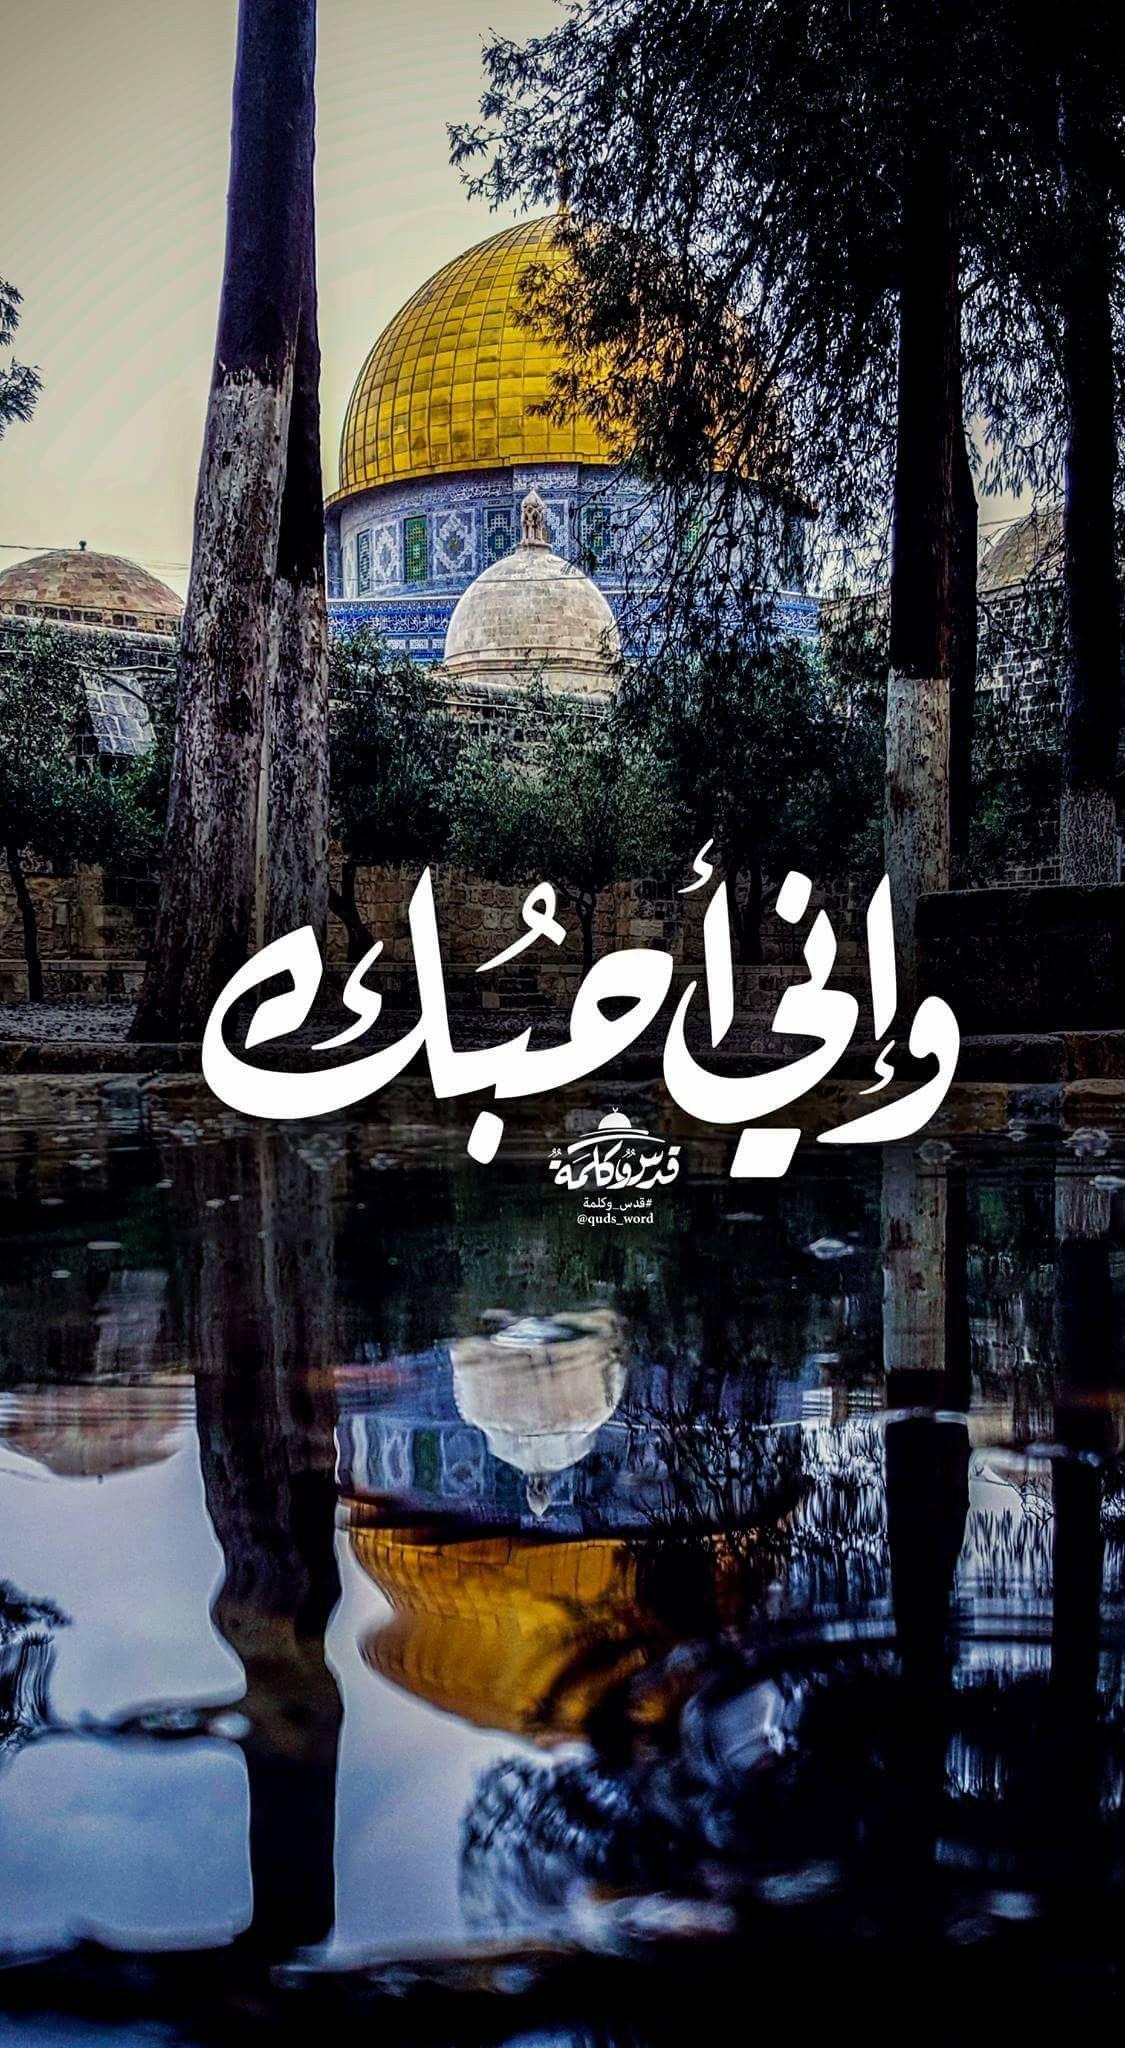 ضعها غلاف لجوّالك .. وليكن الاقصى موجود في كل تفاصيـل حياتنا   Palestine  art, Palestine flag, Islamic artwork